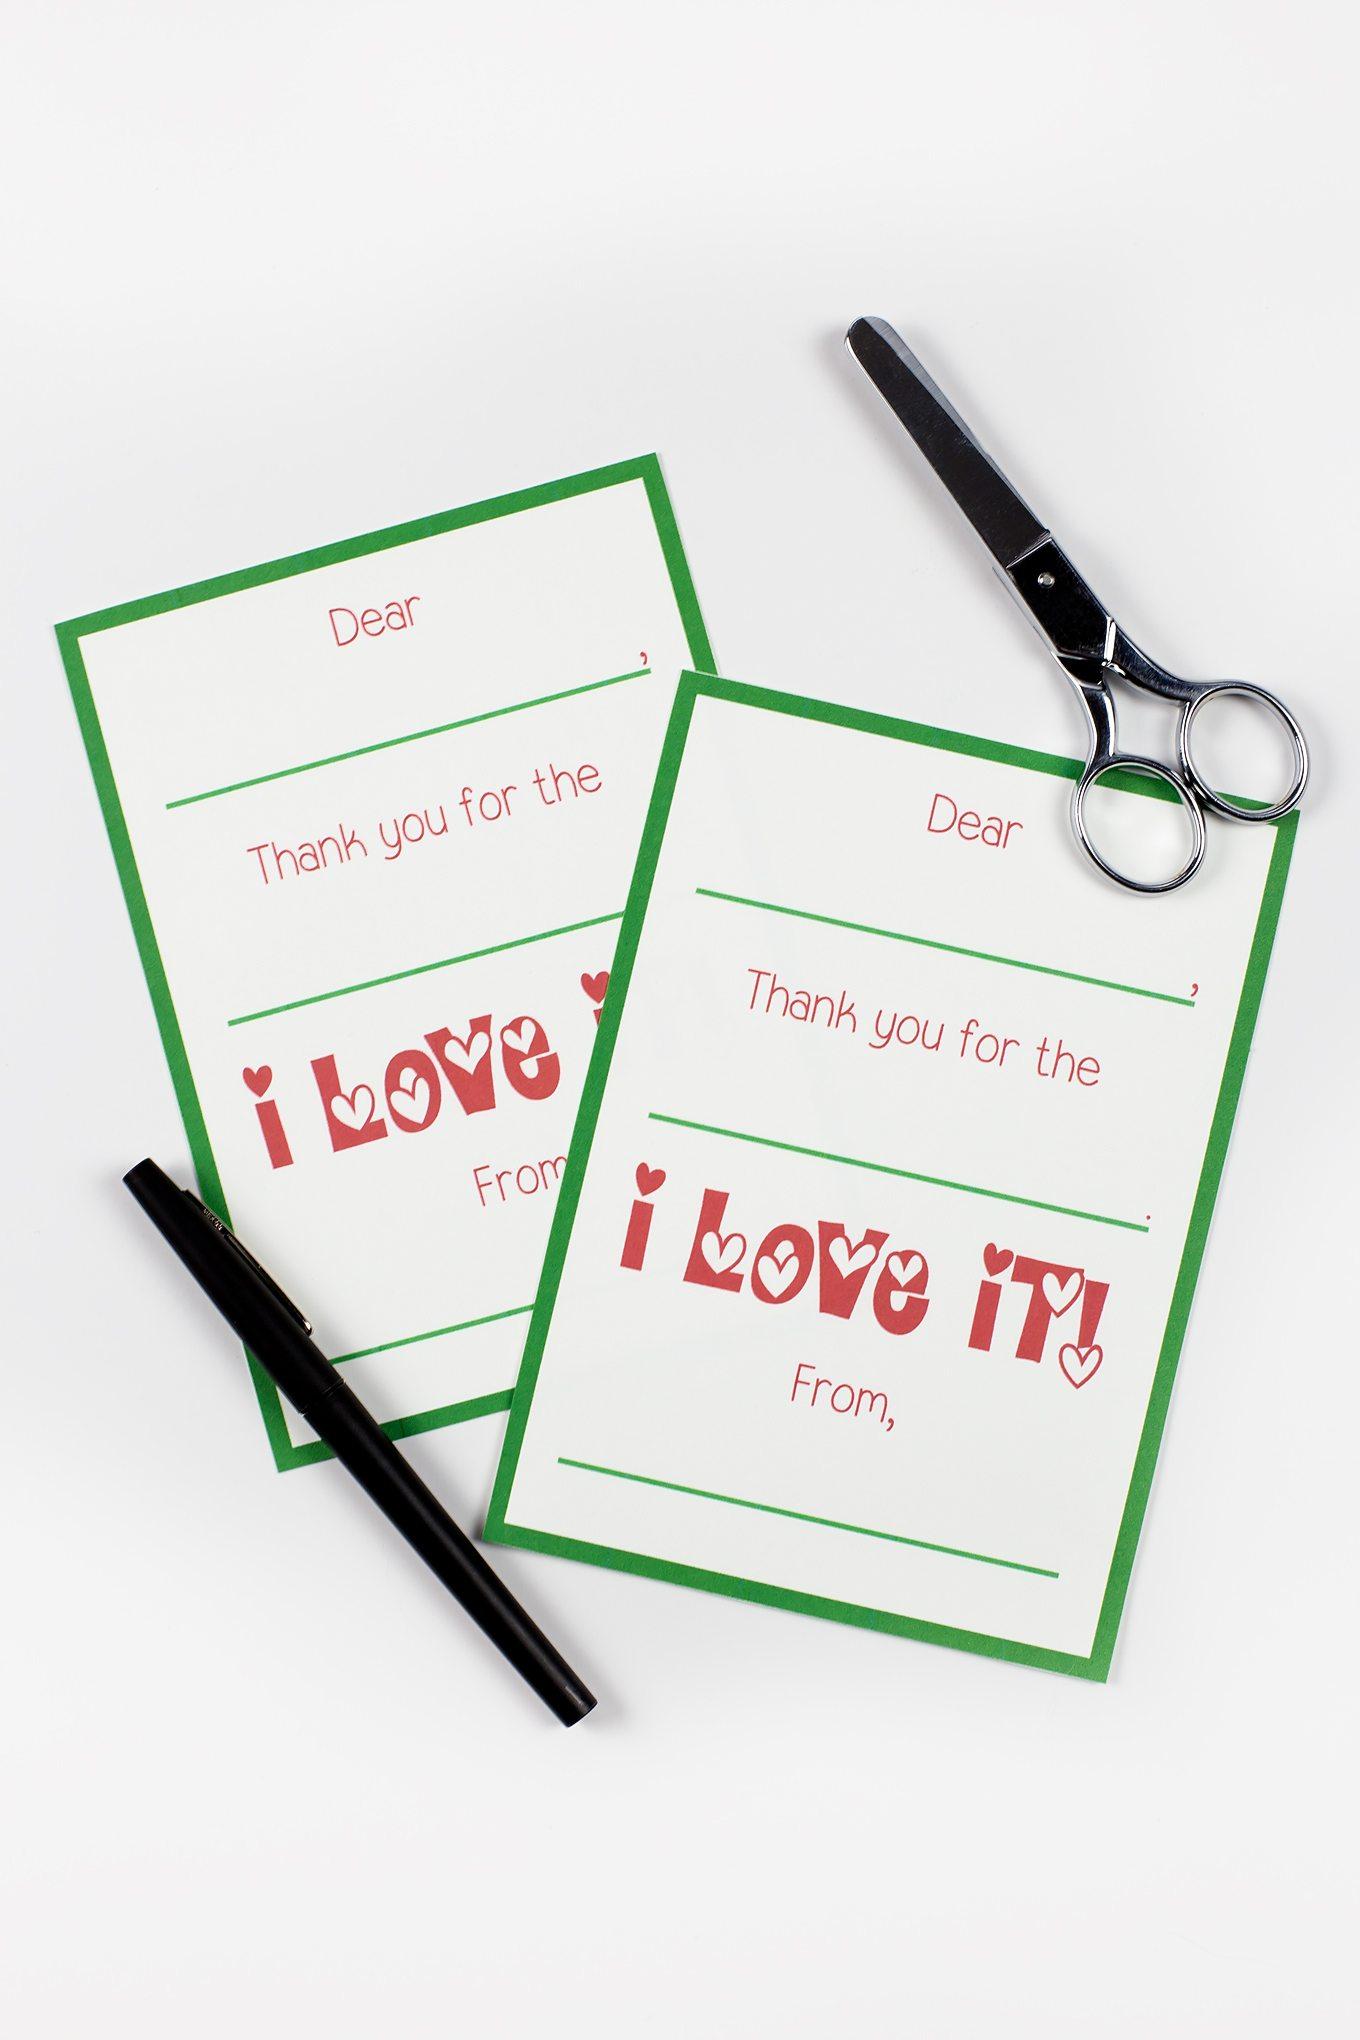 Printable Christmas Thank You Cards - Christmas Thank You Cards Printable Free